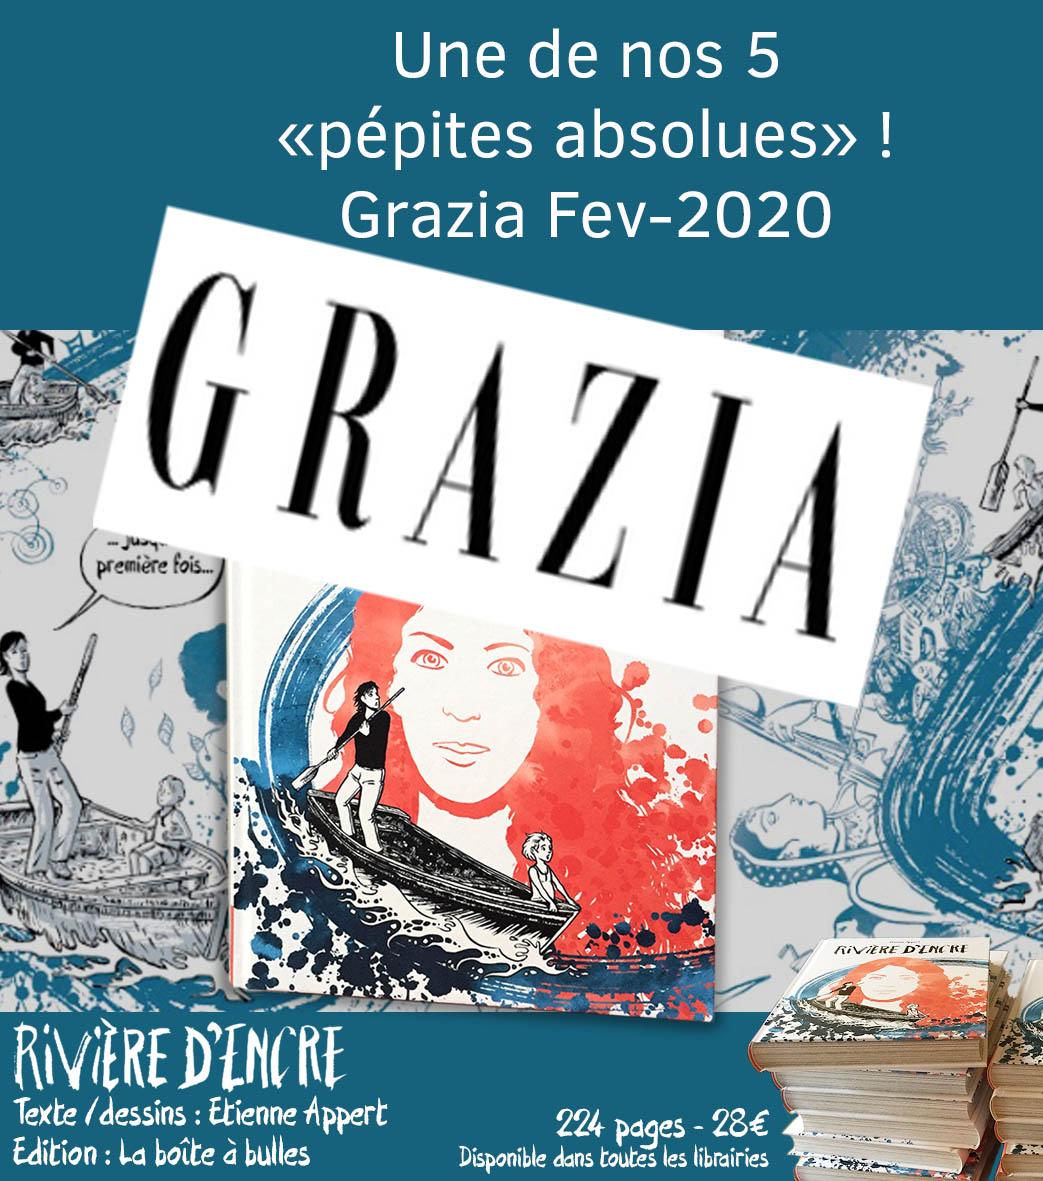 Rivieredencre Etienne Appert Grazia